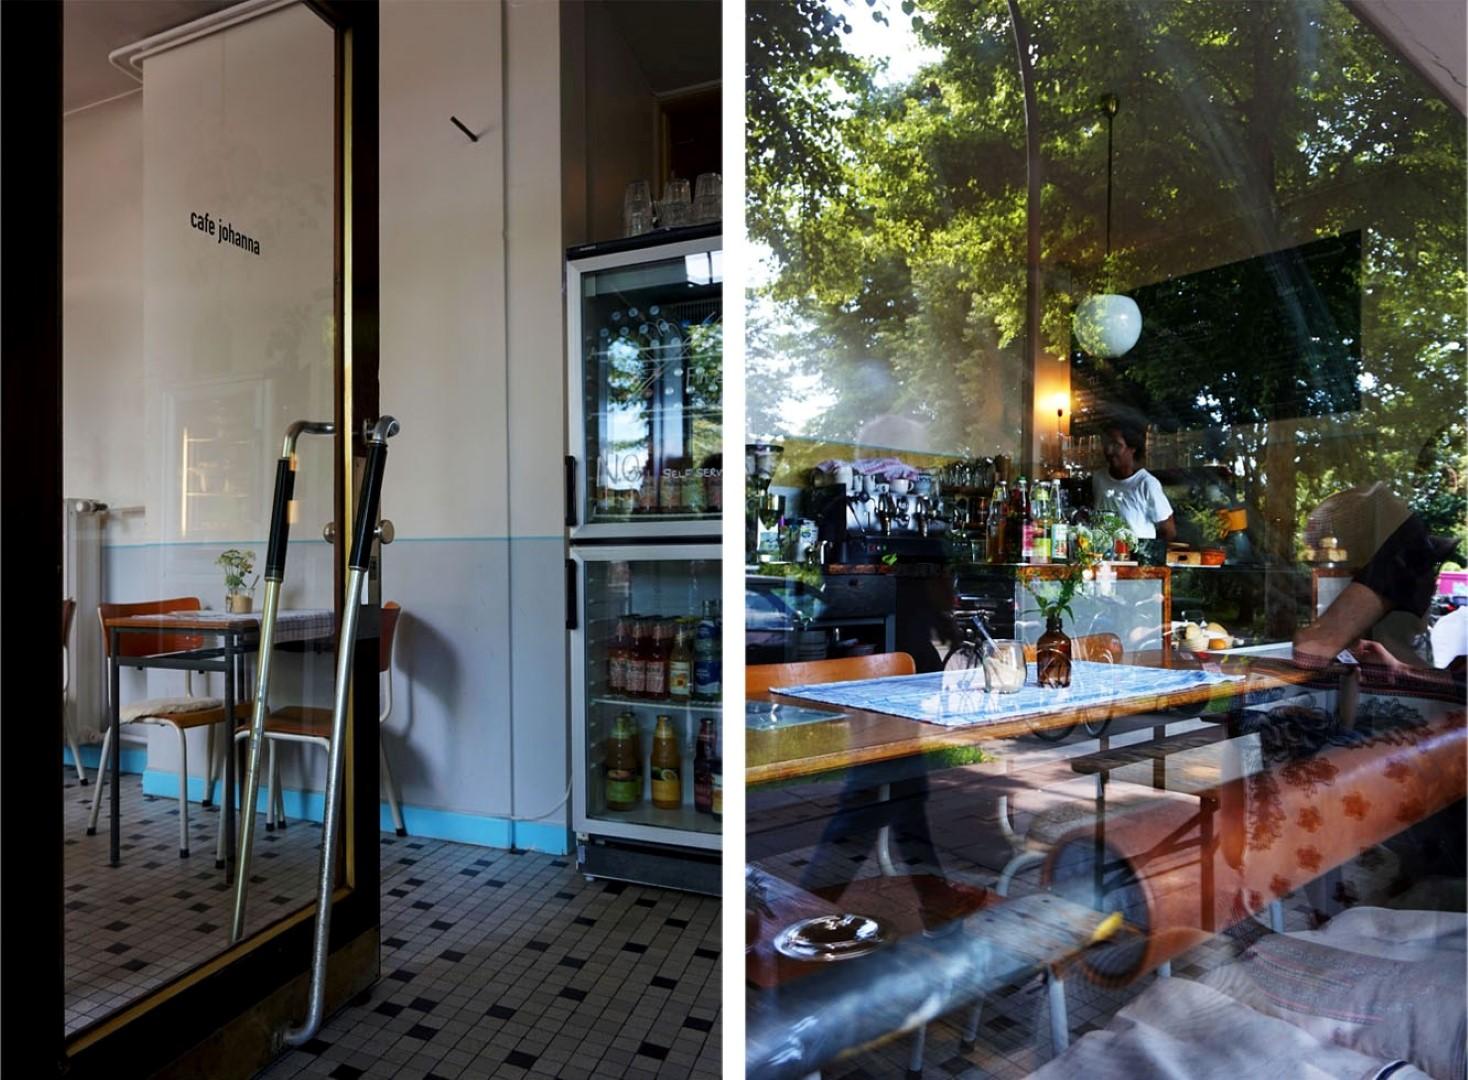 Un jour à Hambourg - City Guide - Blog voyage